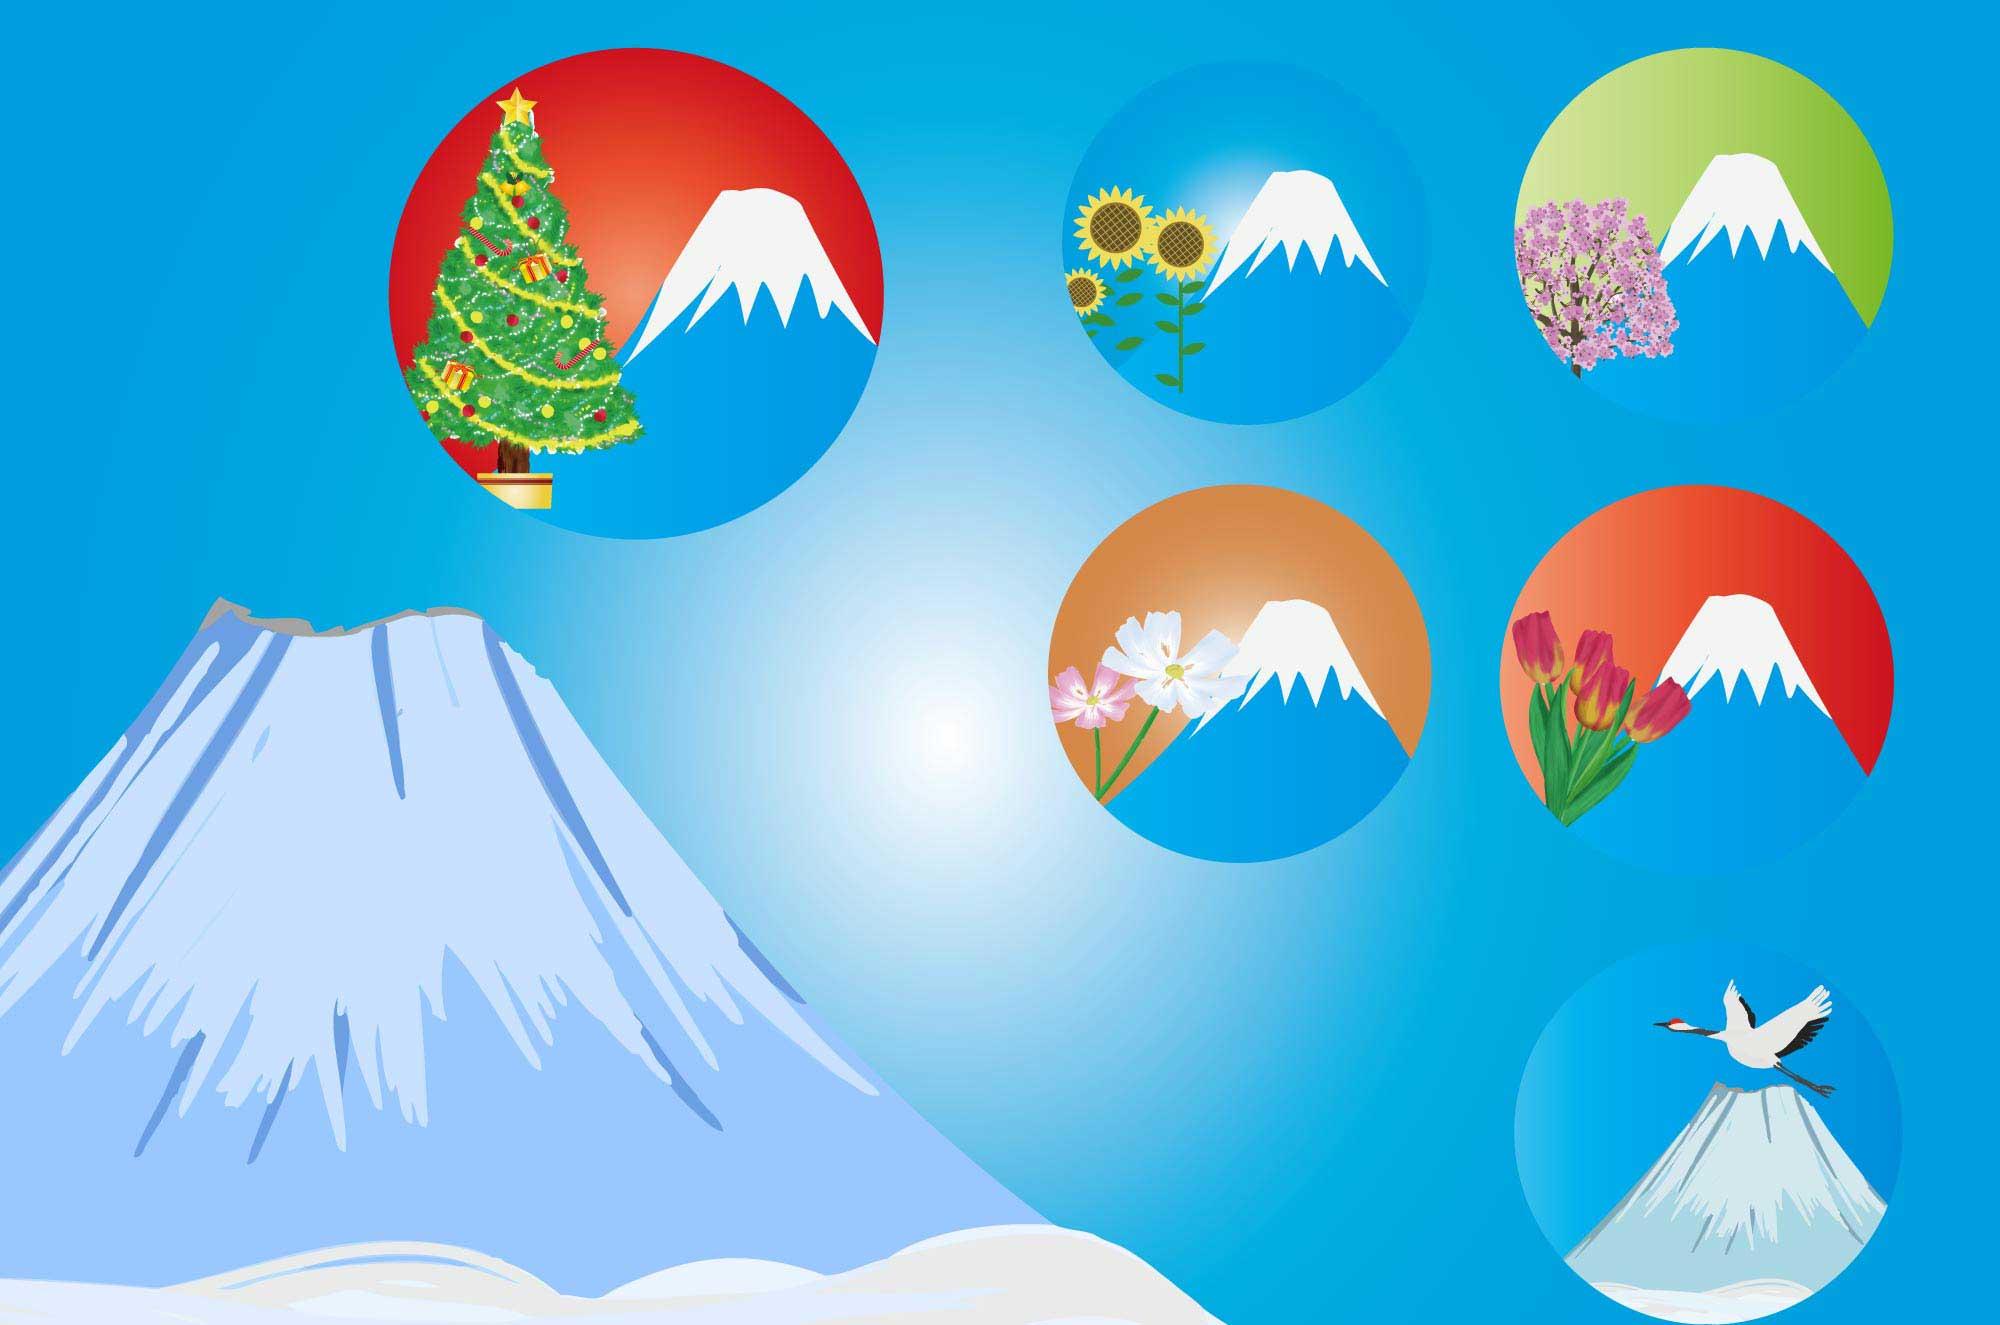 富士山のイラスト 綺麗な季節を感じる自然の無料素材 チコデザ